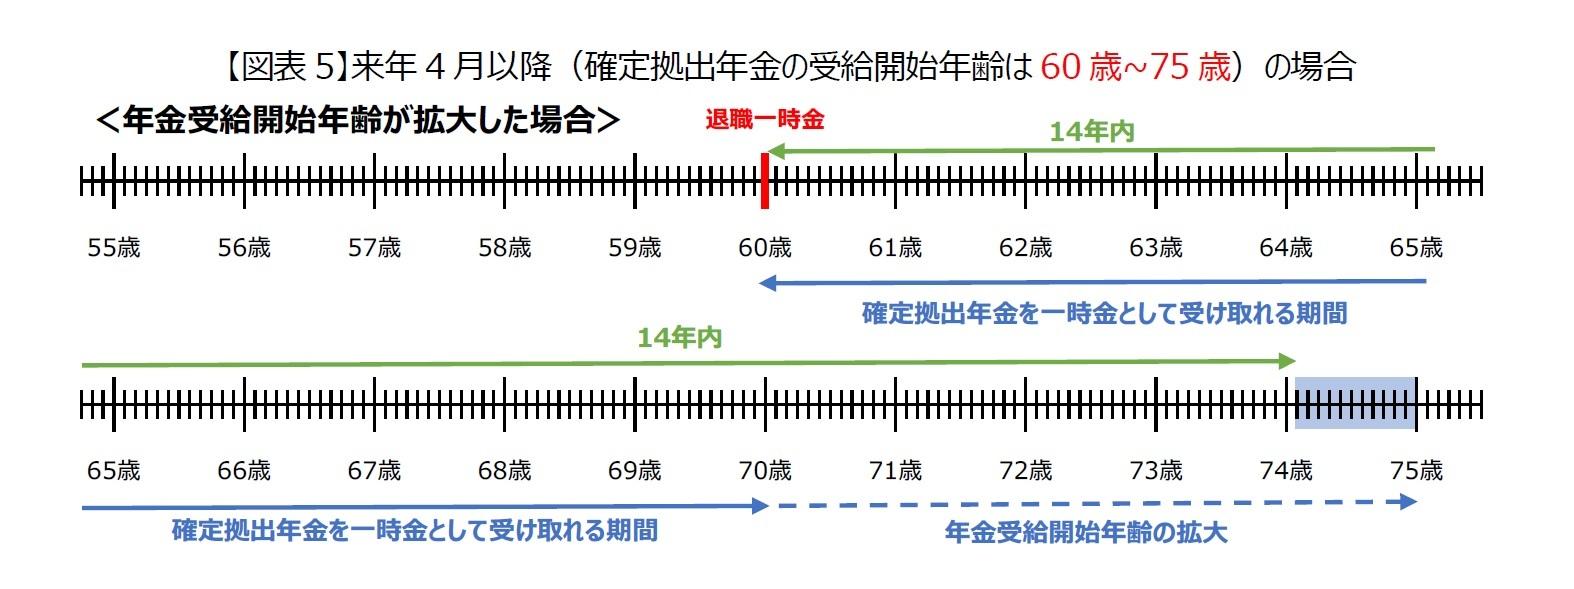 【図表5】来年4月以降(確定拠出年金の受給開始年齢は60歳~75歳)の場合